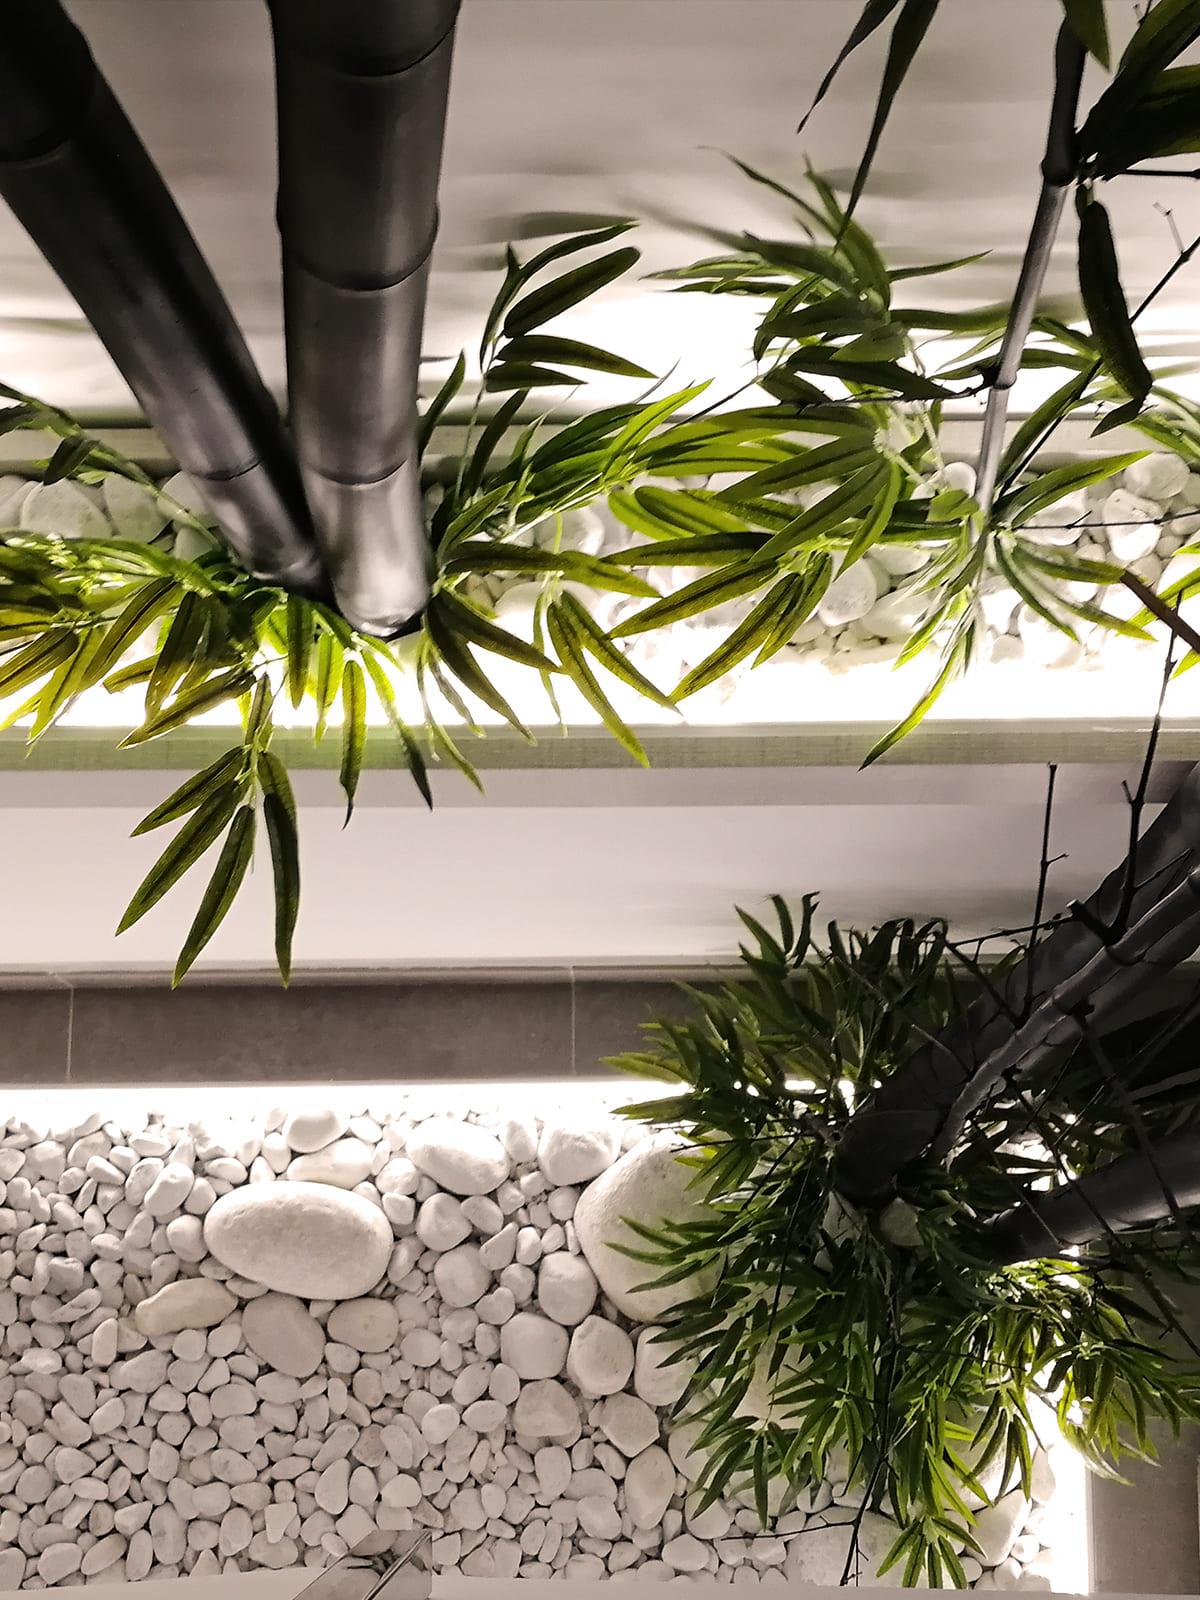 diseño-interiores-entrada-vivienda-escalera-bambu-JM-07_HIDROJARDIN-Bañeres